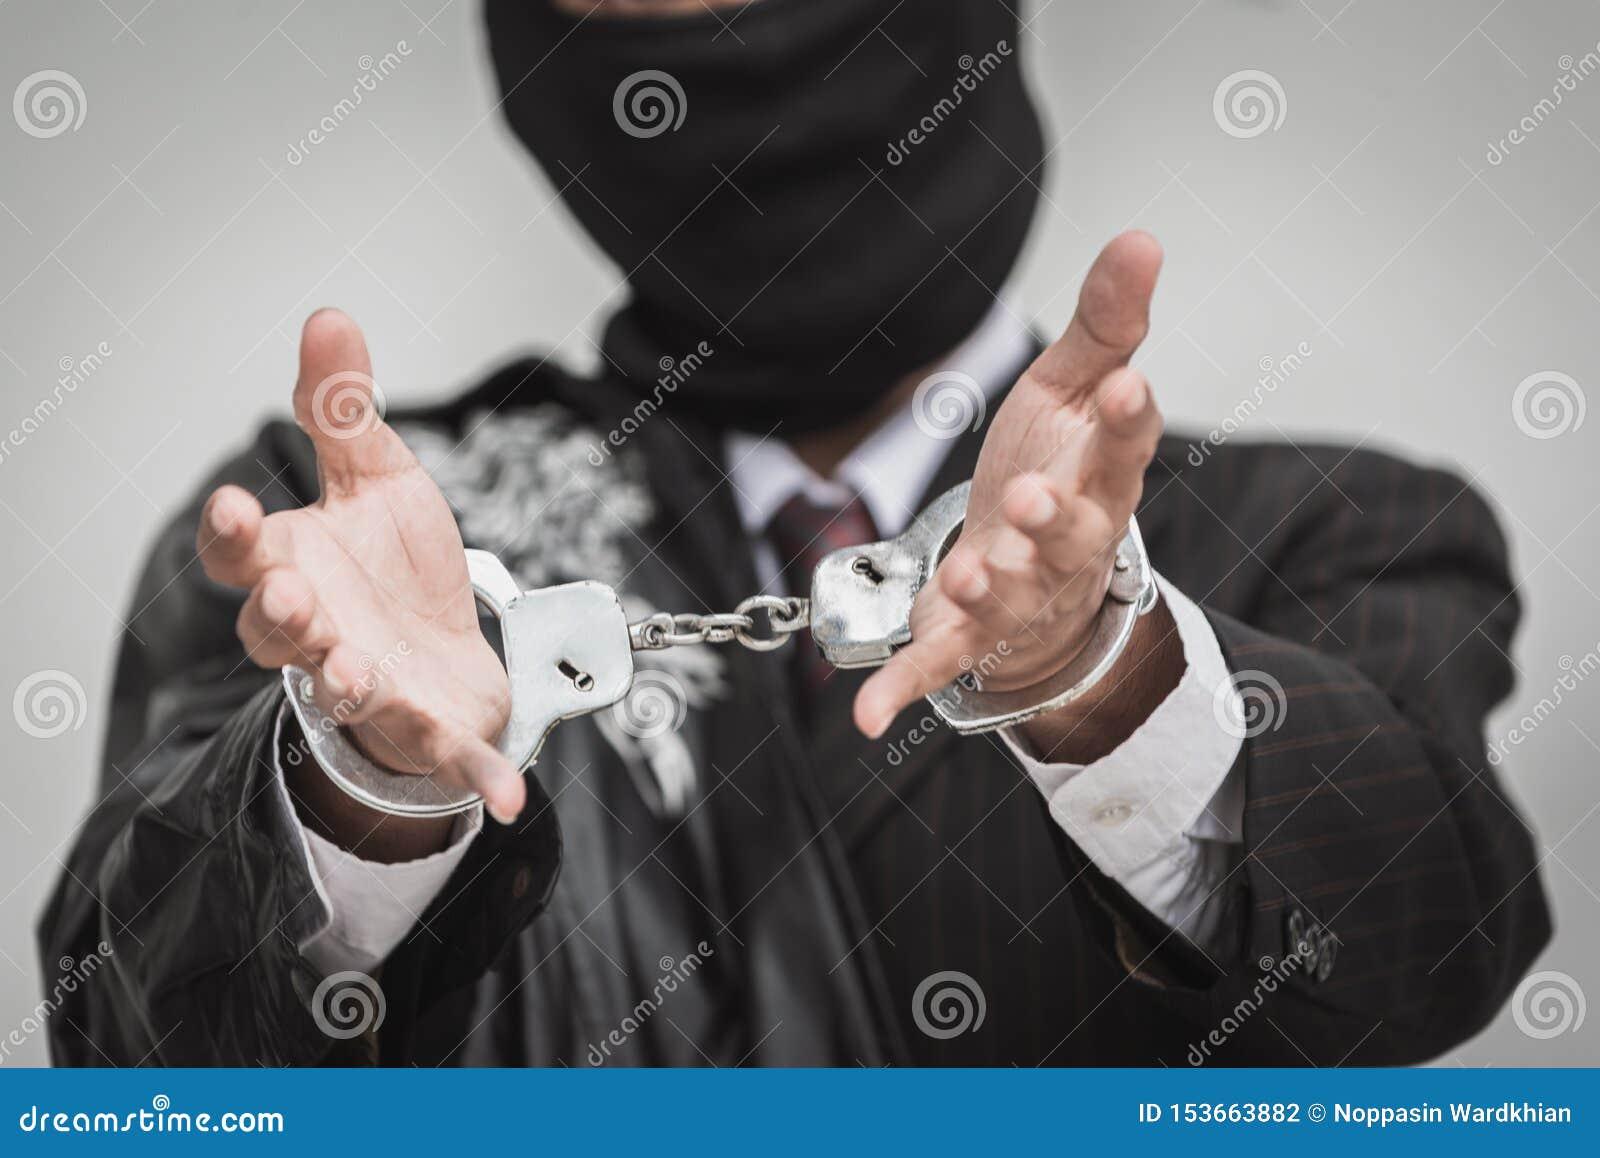 商人拘捕与金钱欧元金钱银行欺骗和贿赂的手铐 大开的手